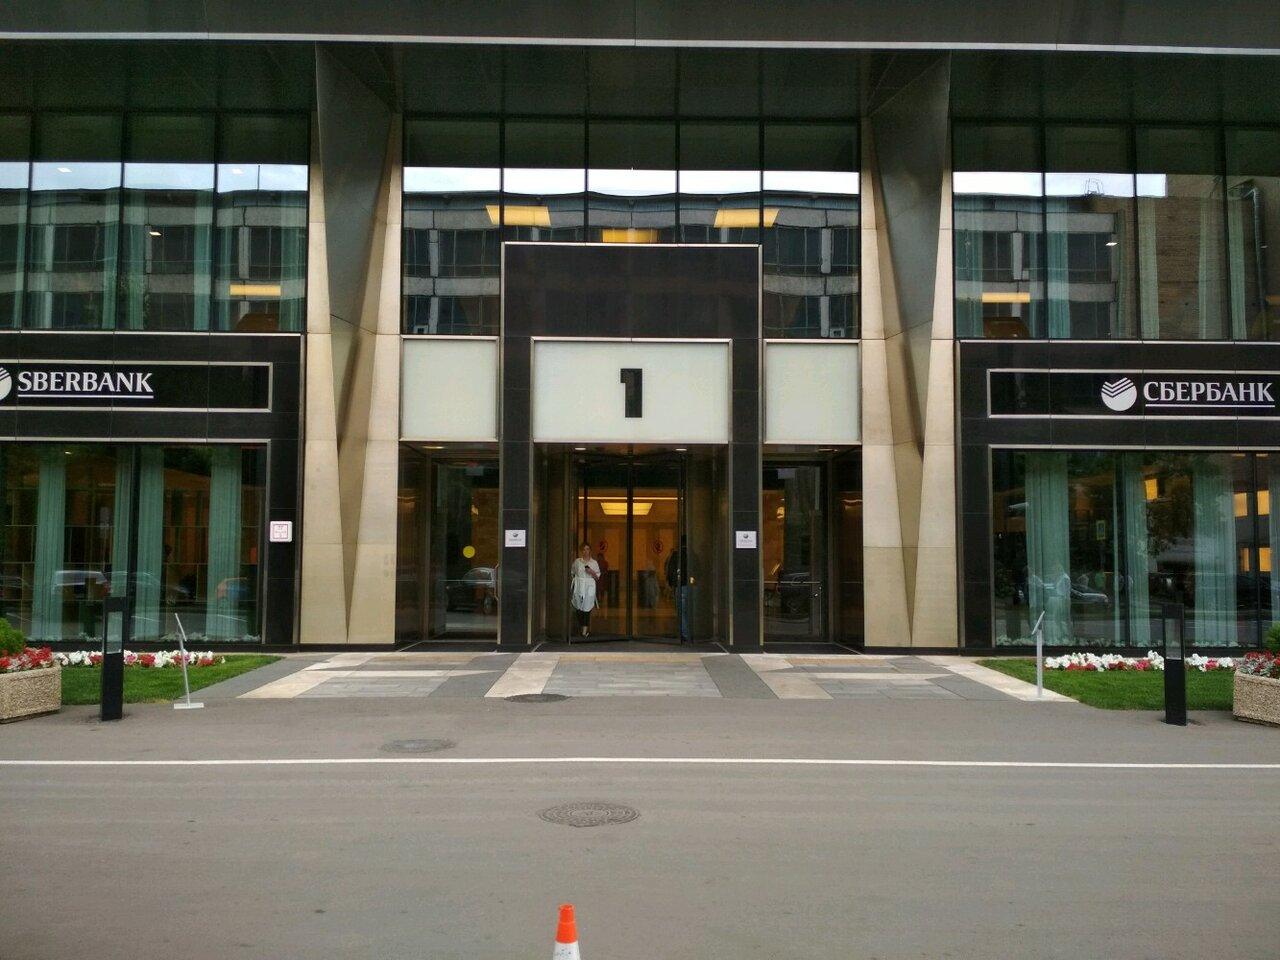 Сбербанк москва центральный офис режим работы